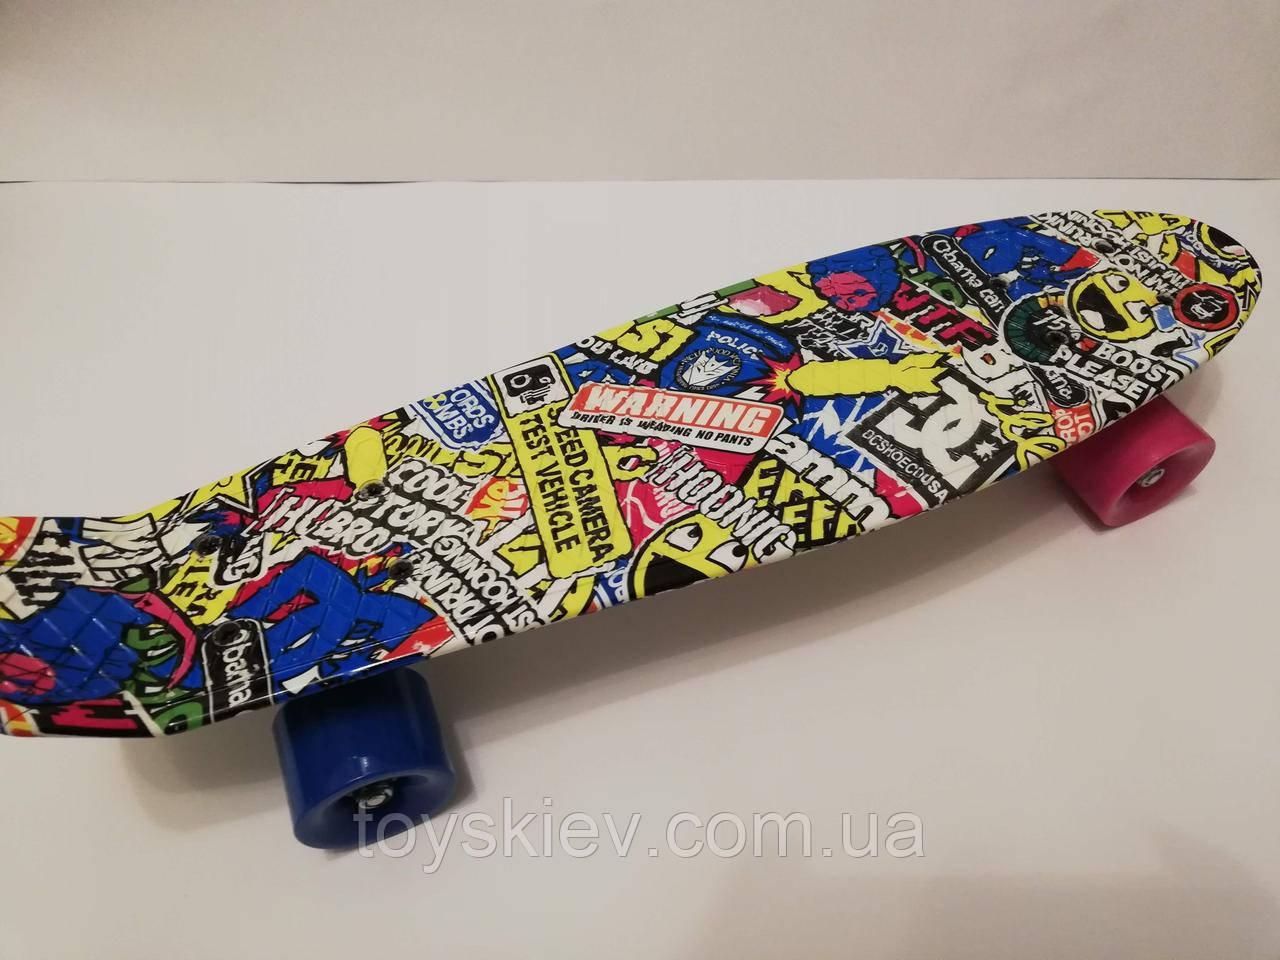 Скейт Пенни борд (Penny board) с рисунком без света 55см. 9-3-1